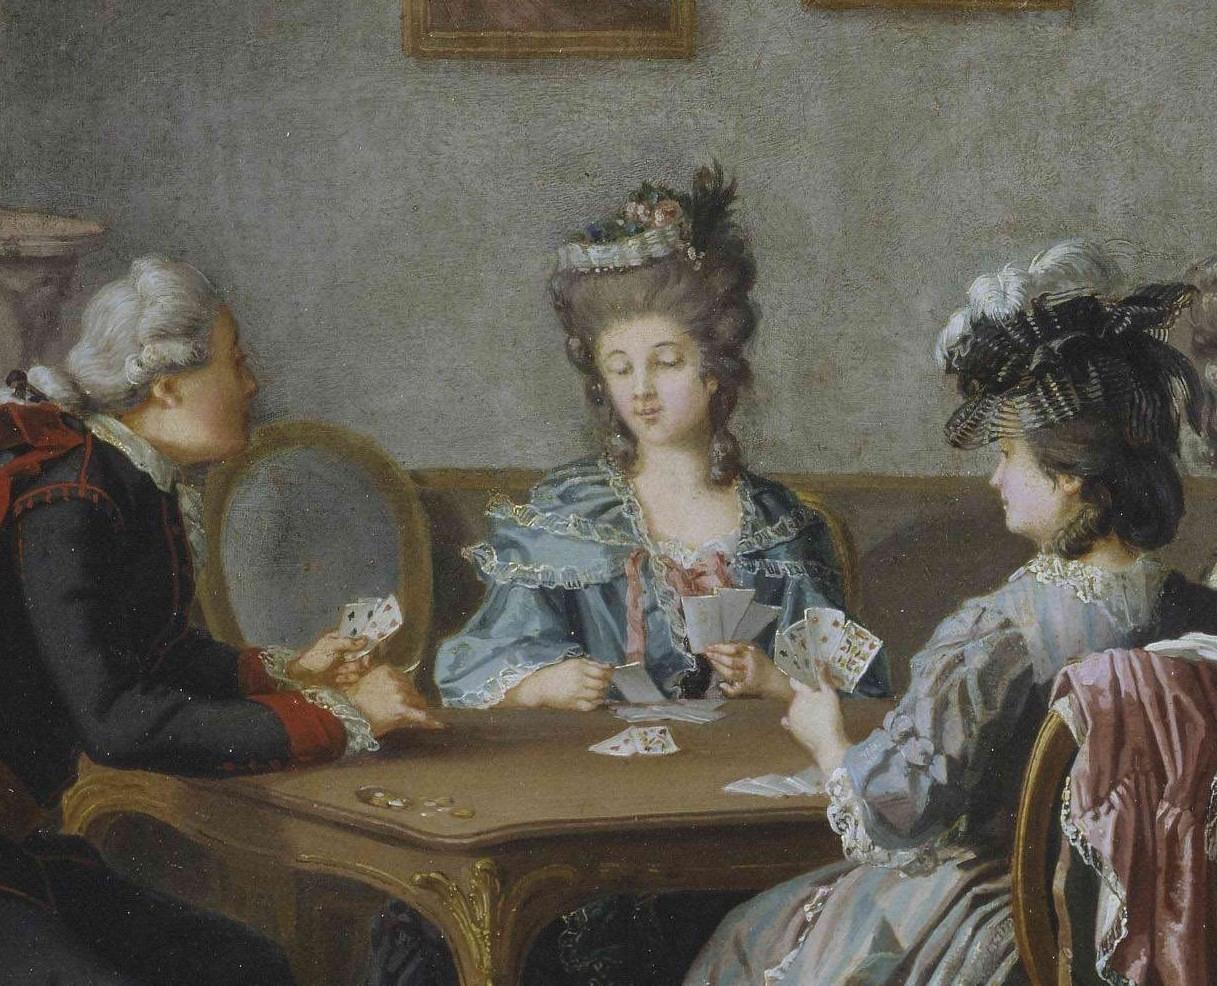 Spillkort ble importert via flere havner. Bildet viser korspill i Gustav 3.s hoff. Pehr Hilleström.